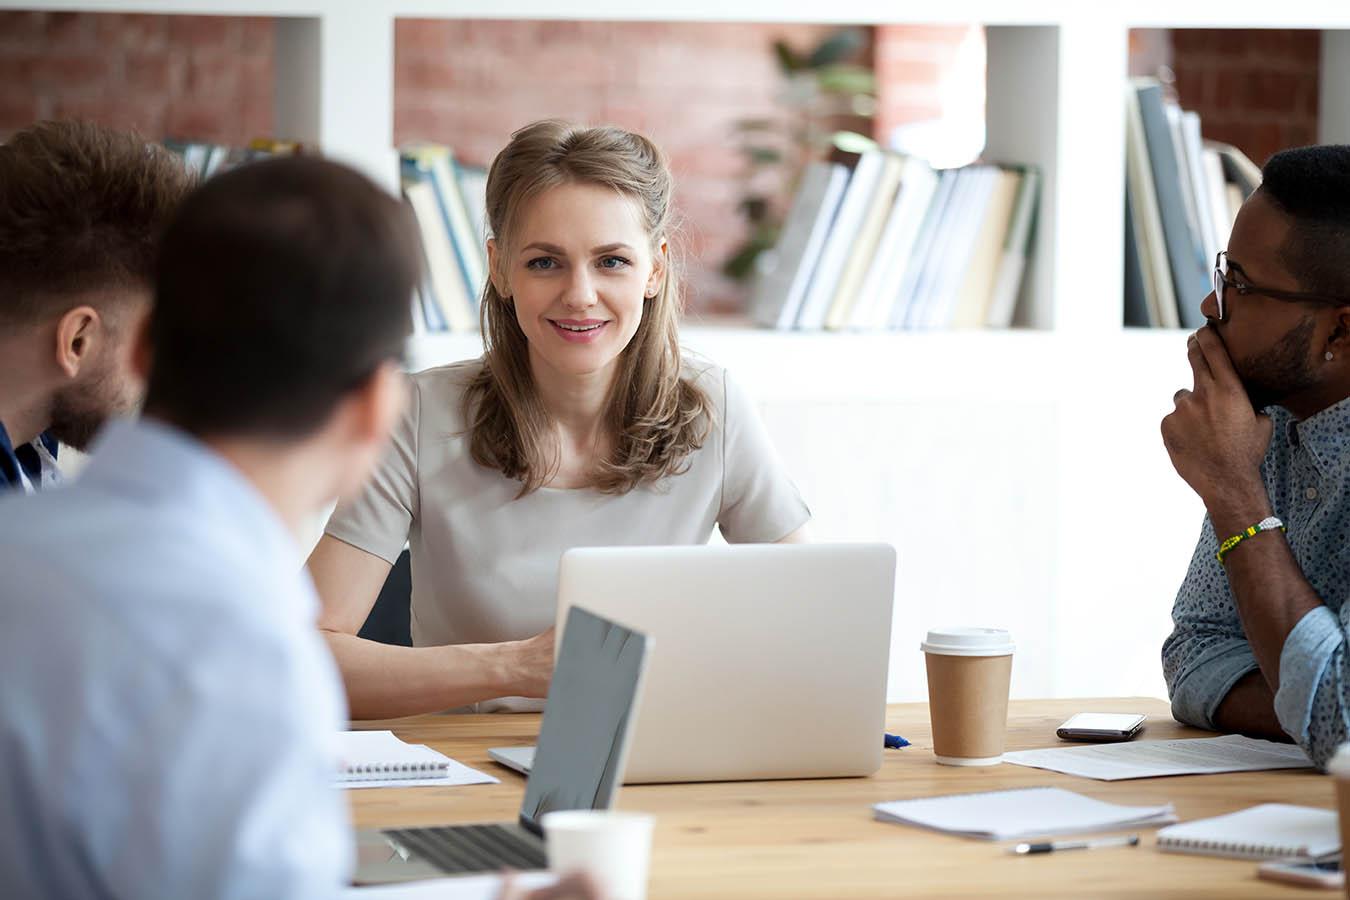 La riunione commerciale per aumentare le vendite della tua palestra